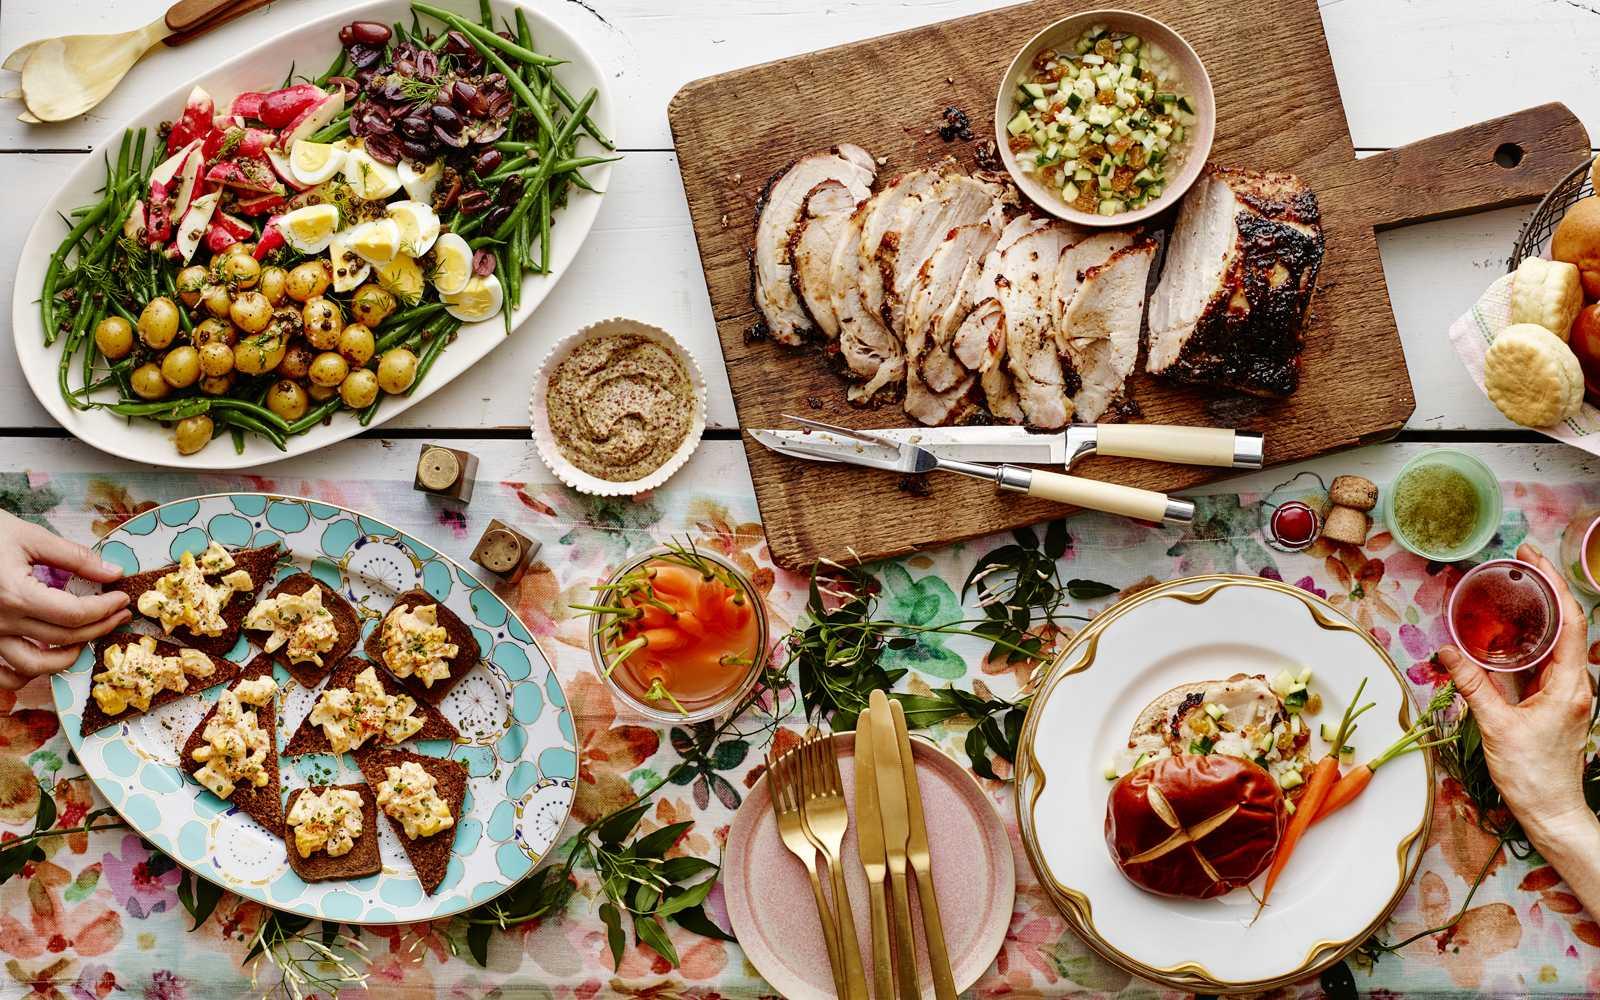 Салаты из курицы на новый год 2021: простые и вкусные рецепты на праздник